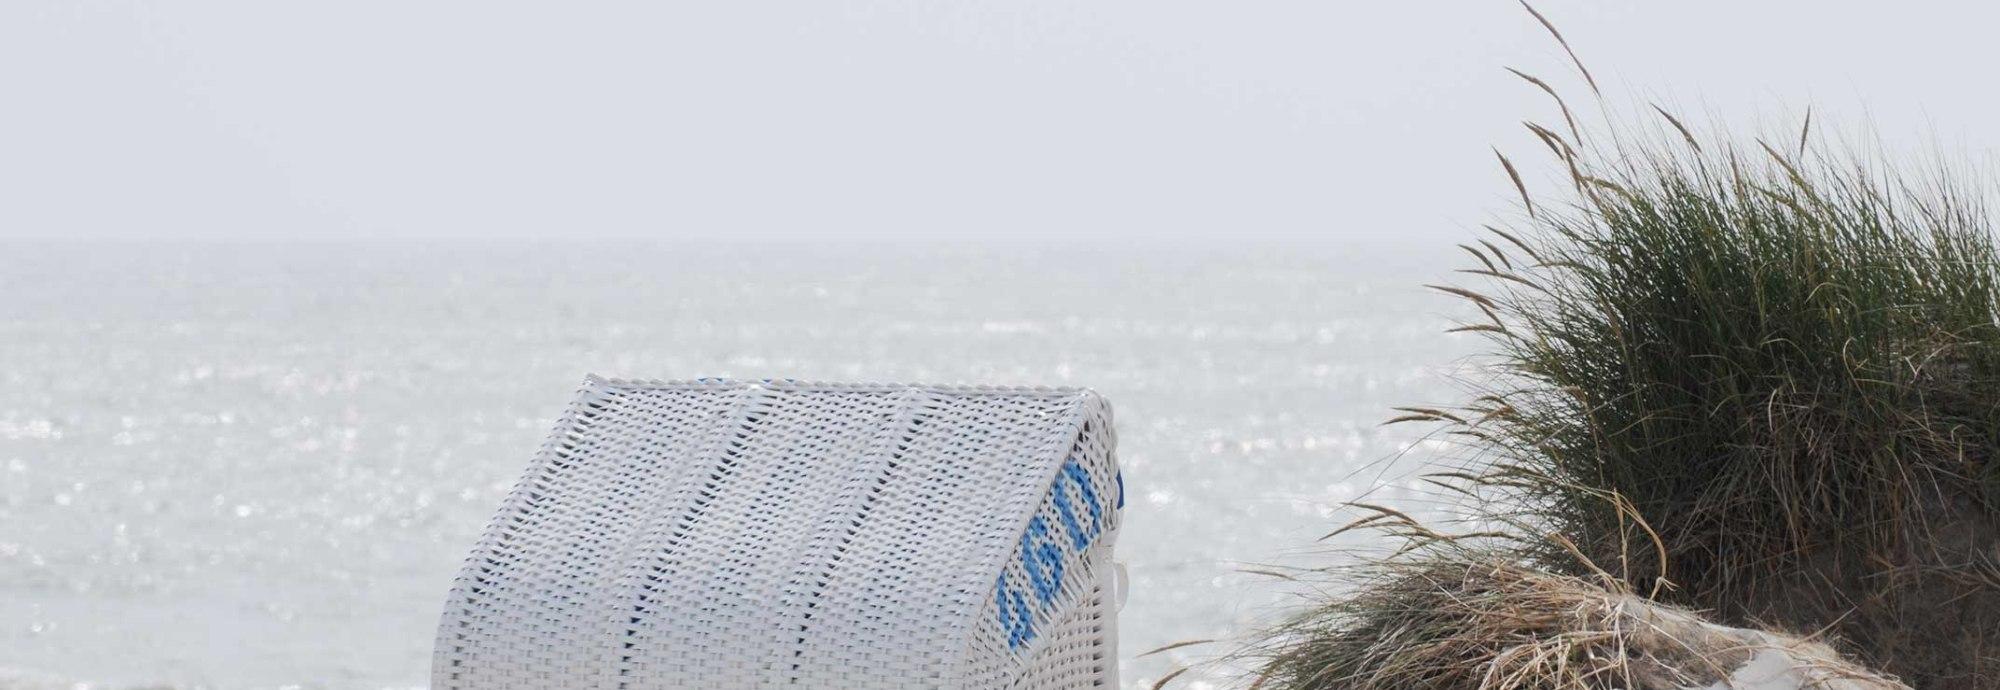 Amrum Strand bei Nebel mit Strandkorb